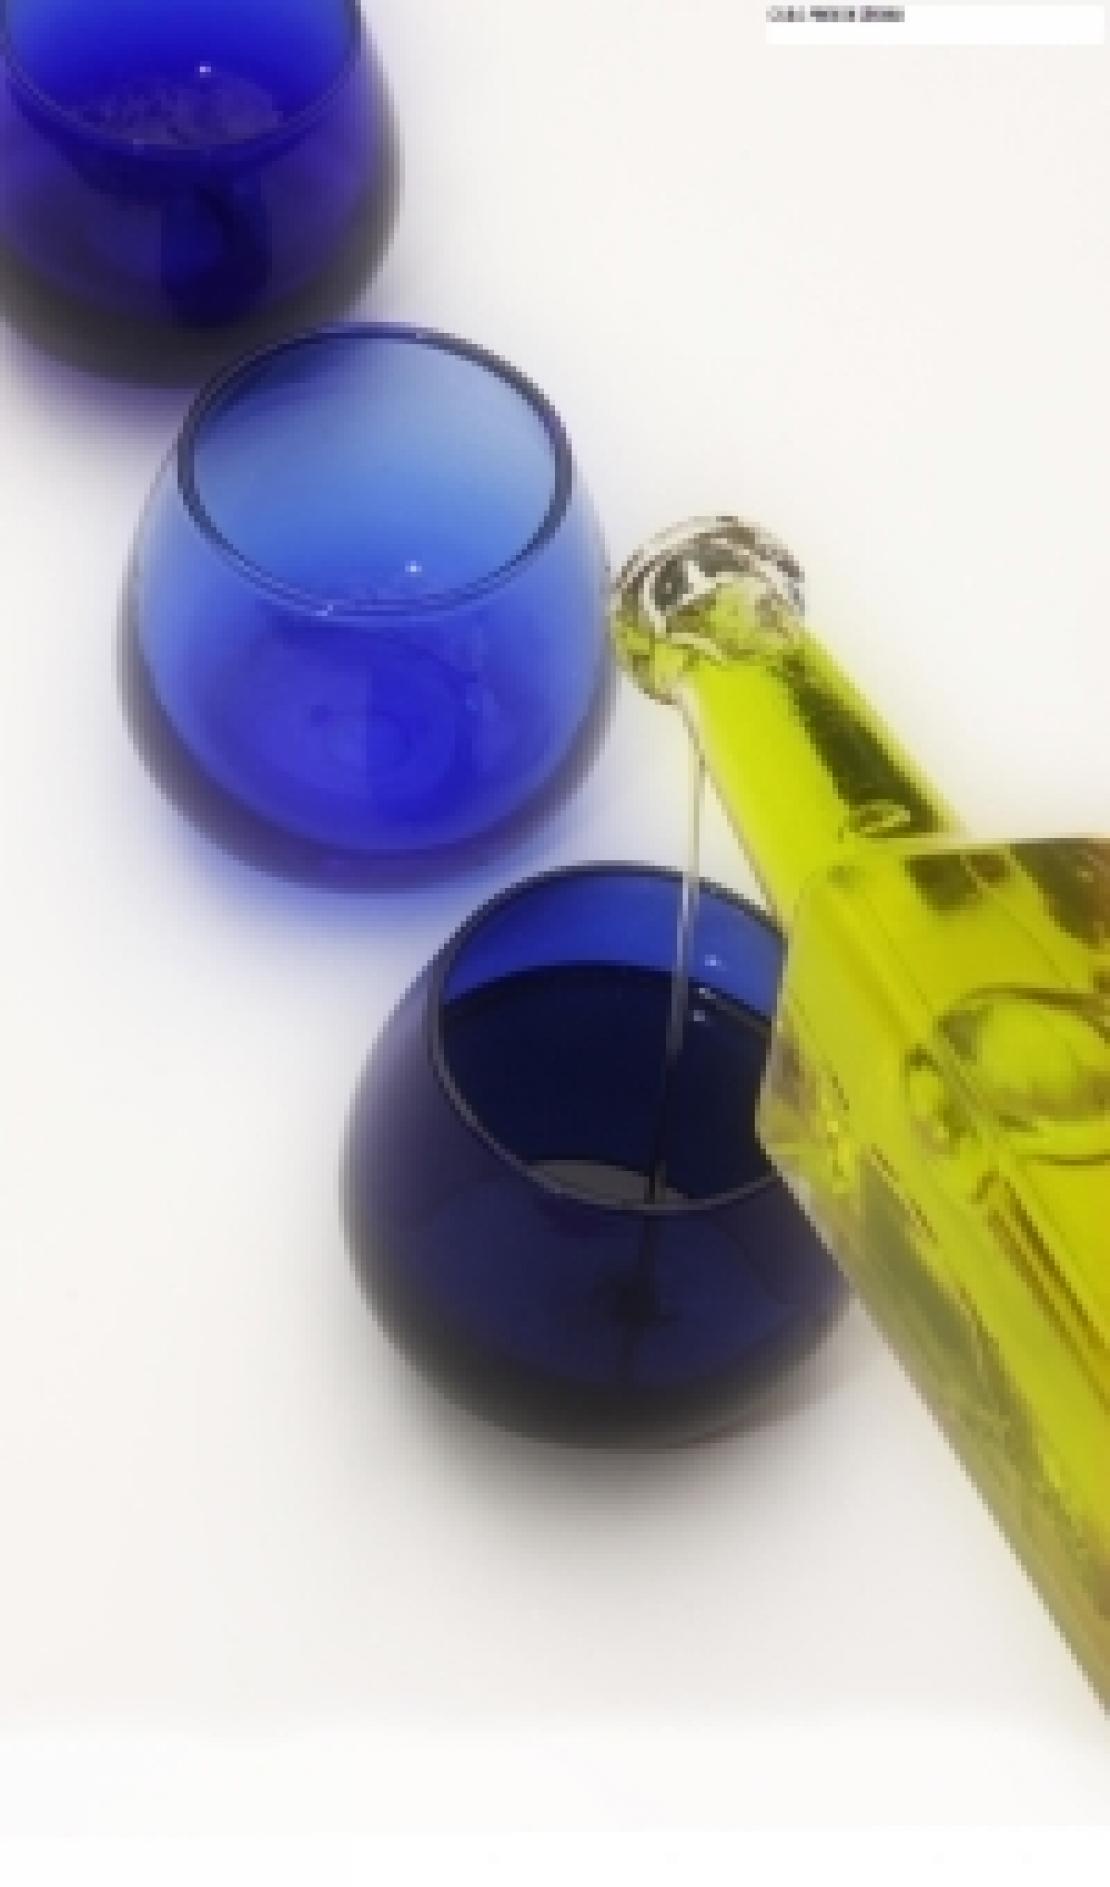 Analisi organolettica dell'olio extra vergine d'oliva: un anno di validità